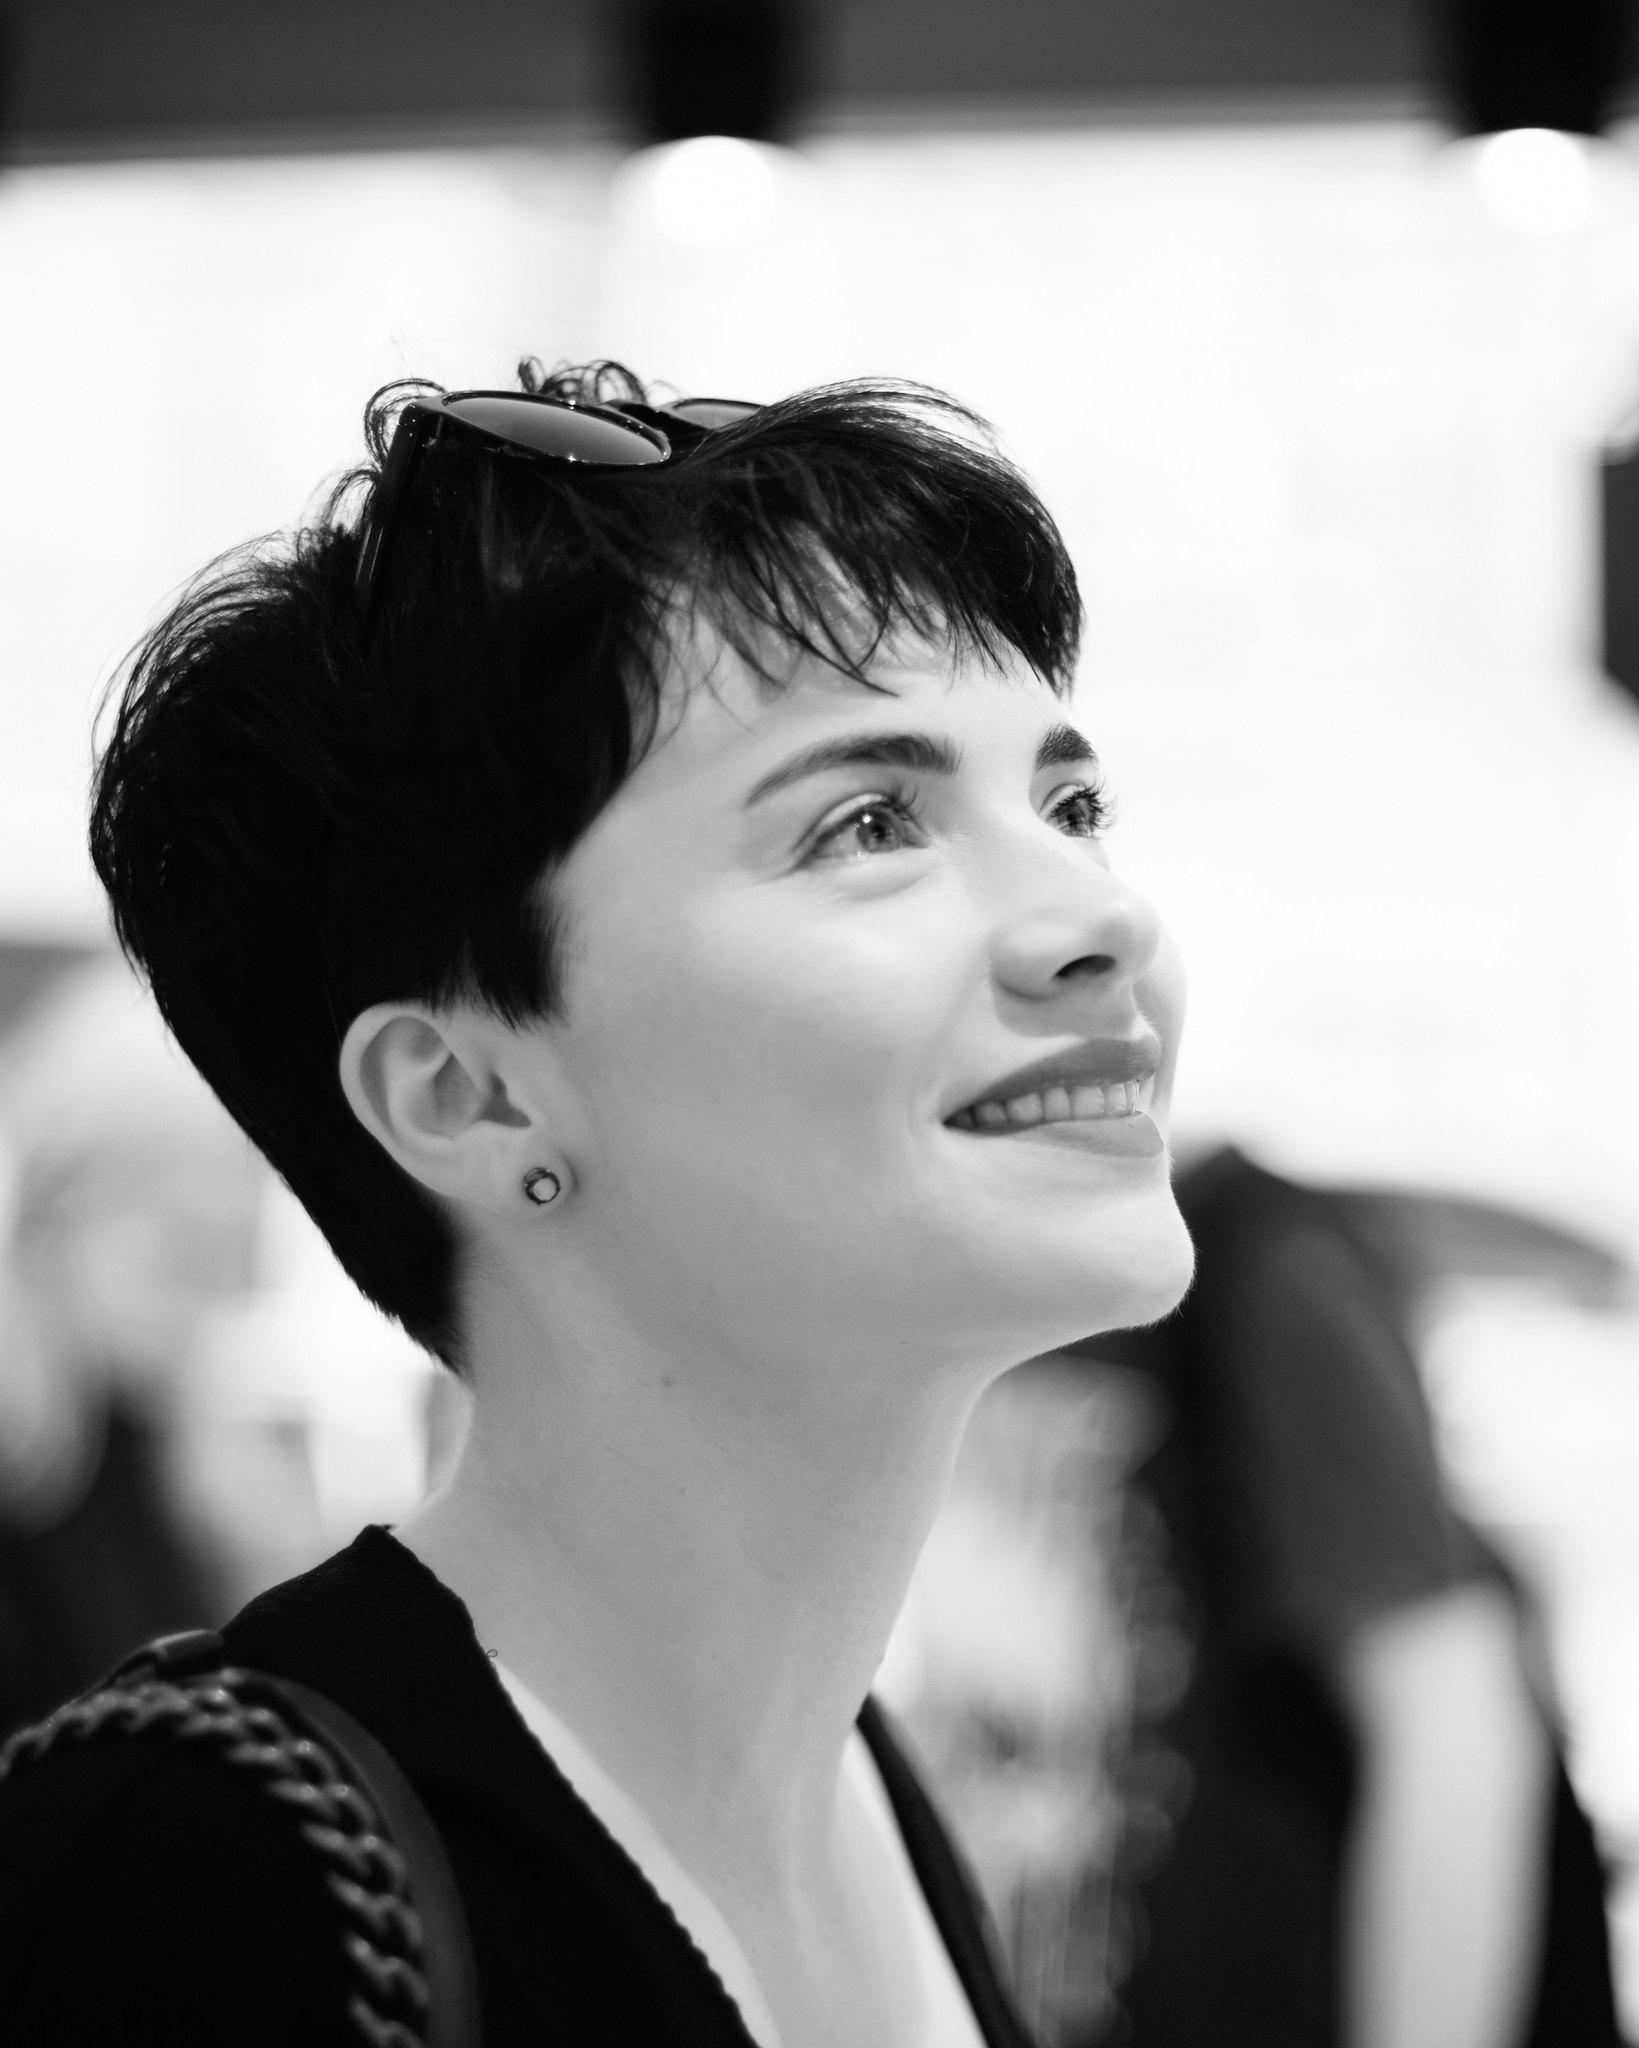 Интервью marusimba с Натальей Жуковой, психотерапевтомDSC_6201